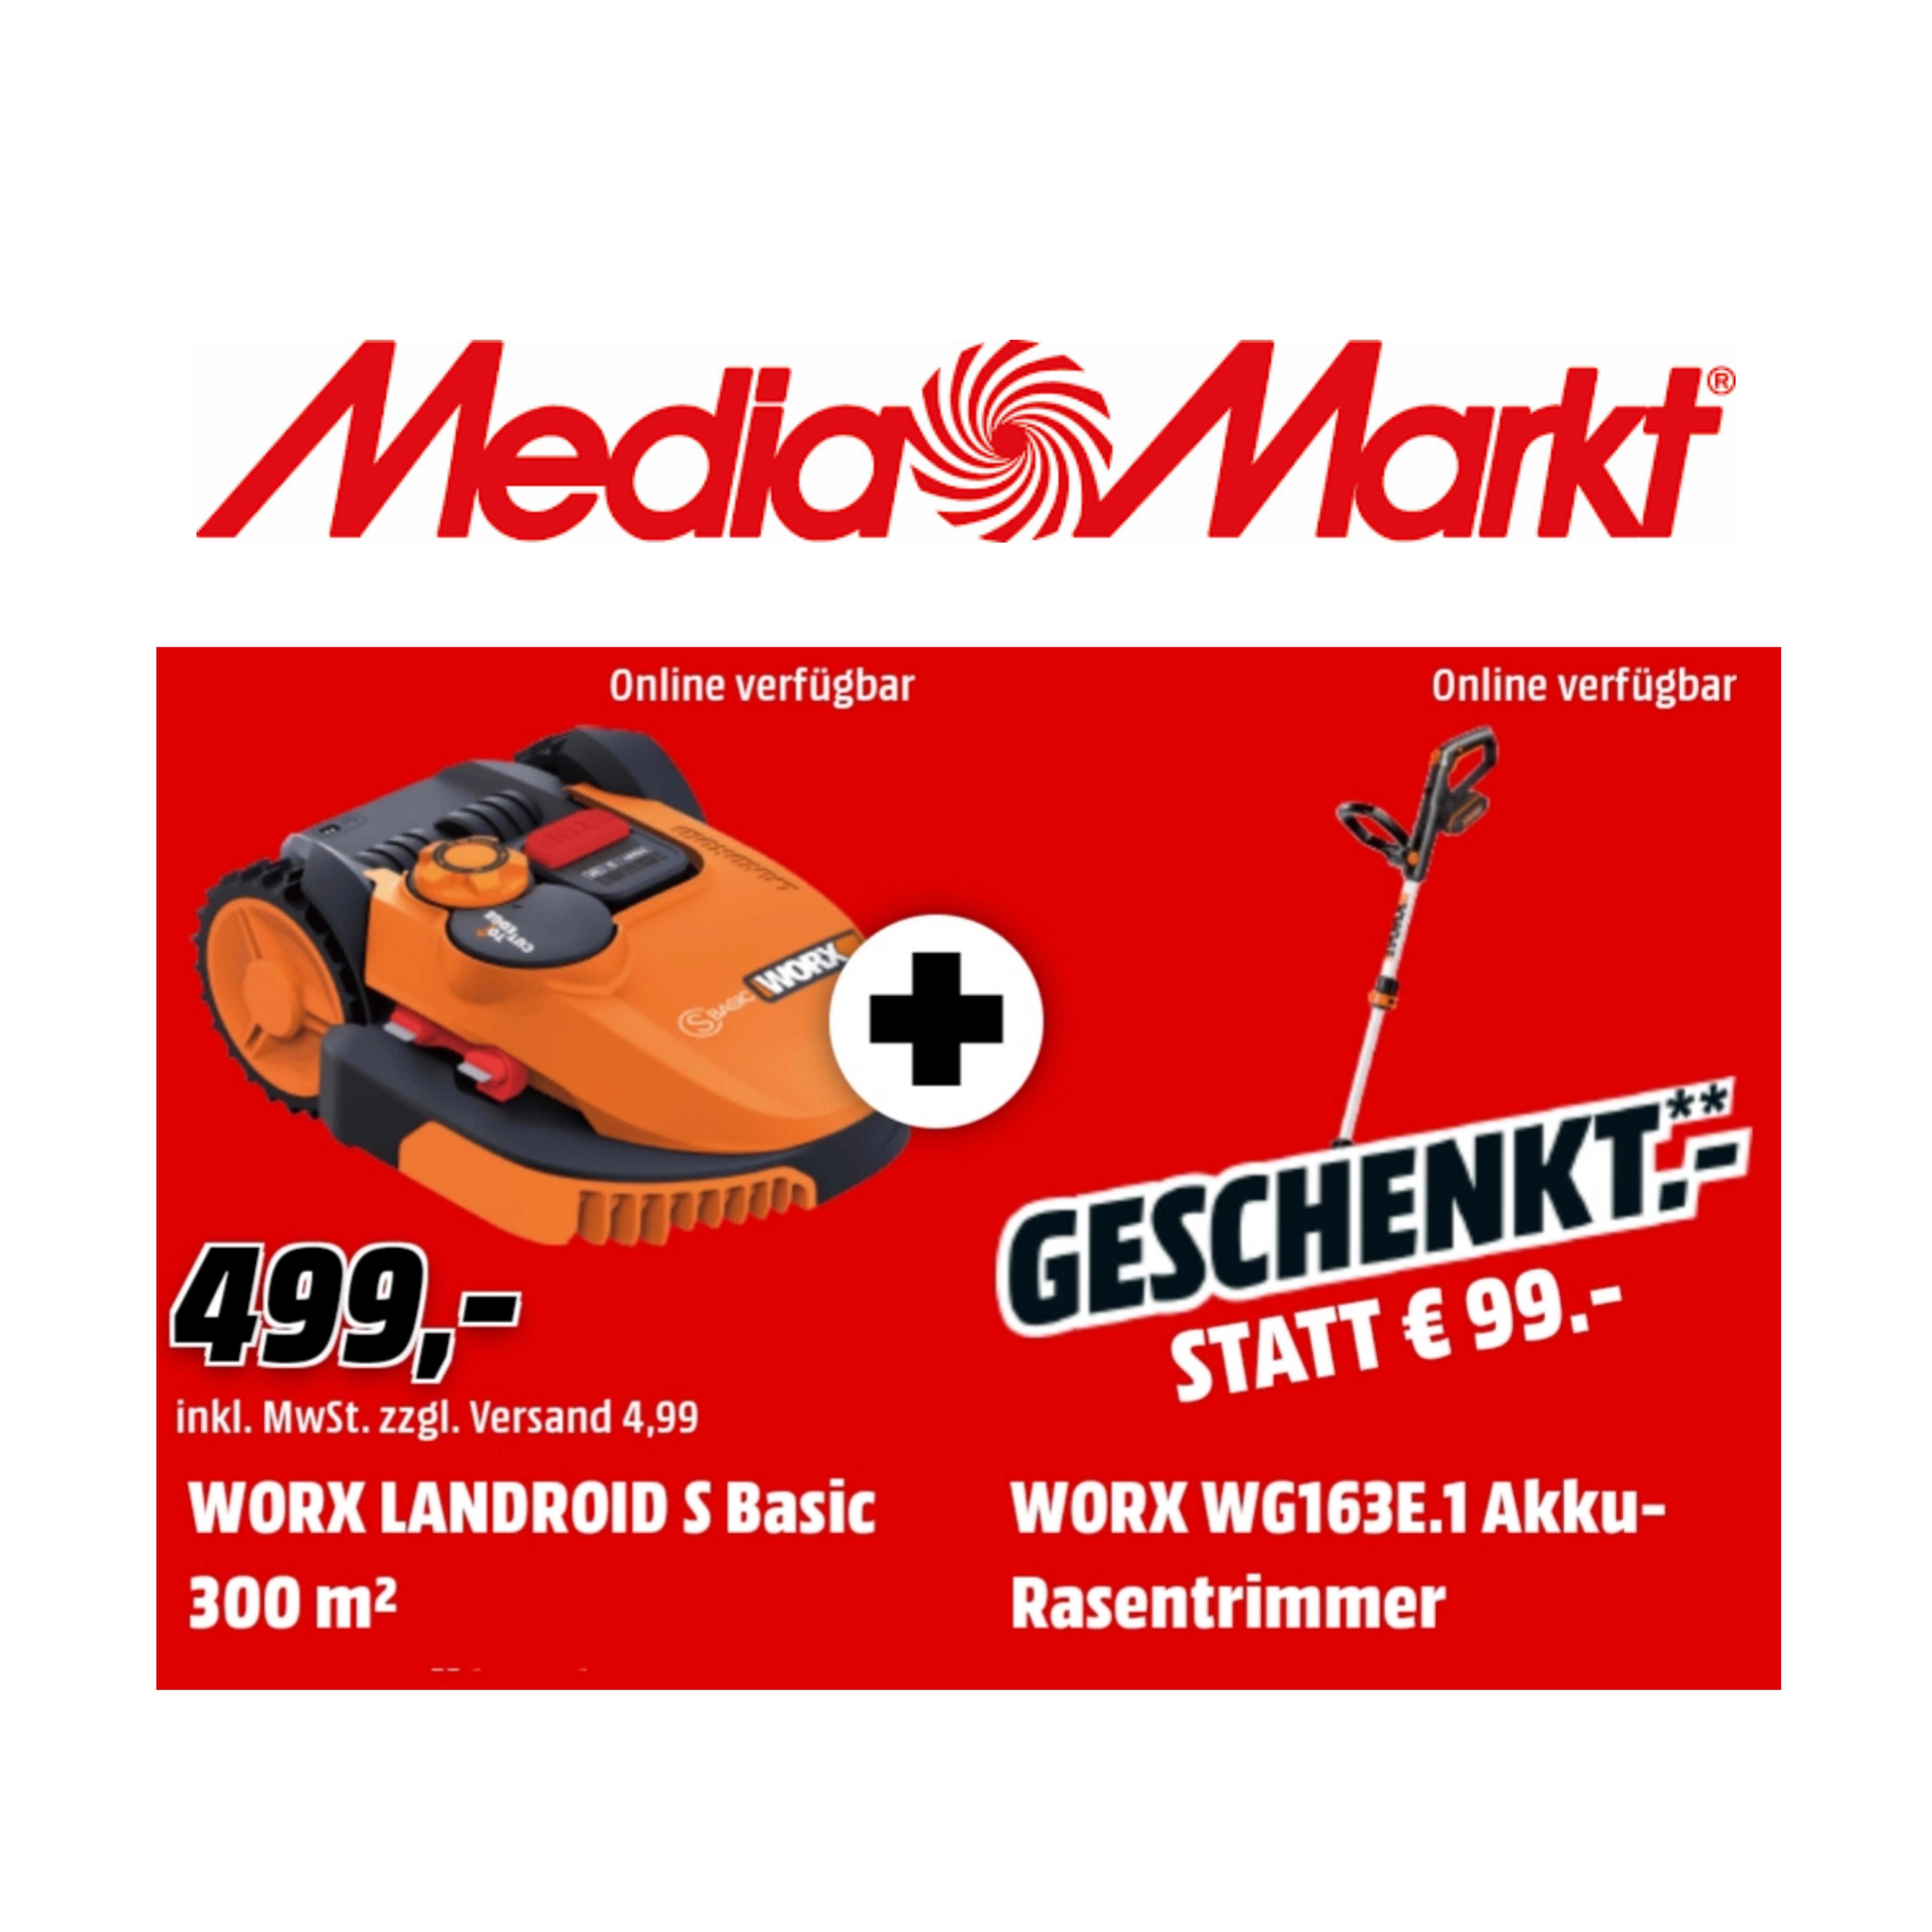 WORX WR090S Landroid S Basic + Worx WG163E.1 Akku-Rasentrimmer für 503,99€ [statt 598€]